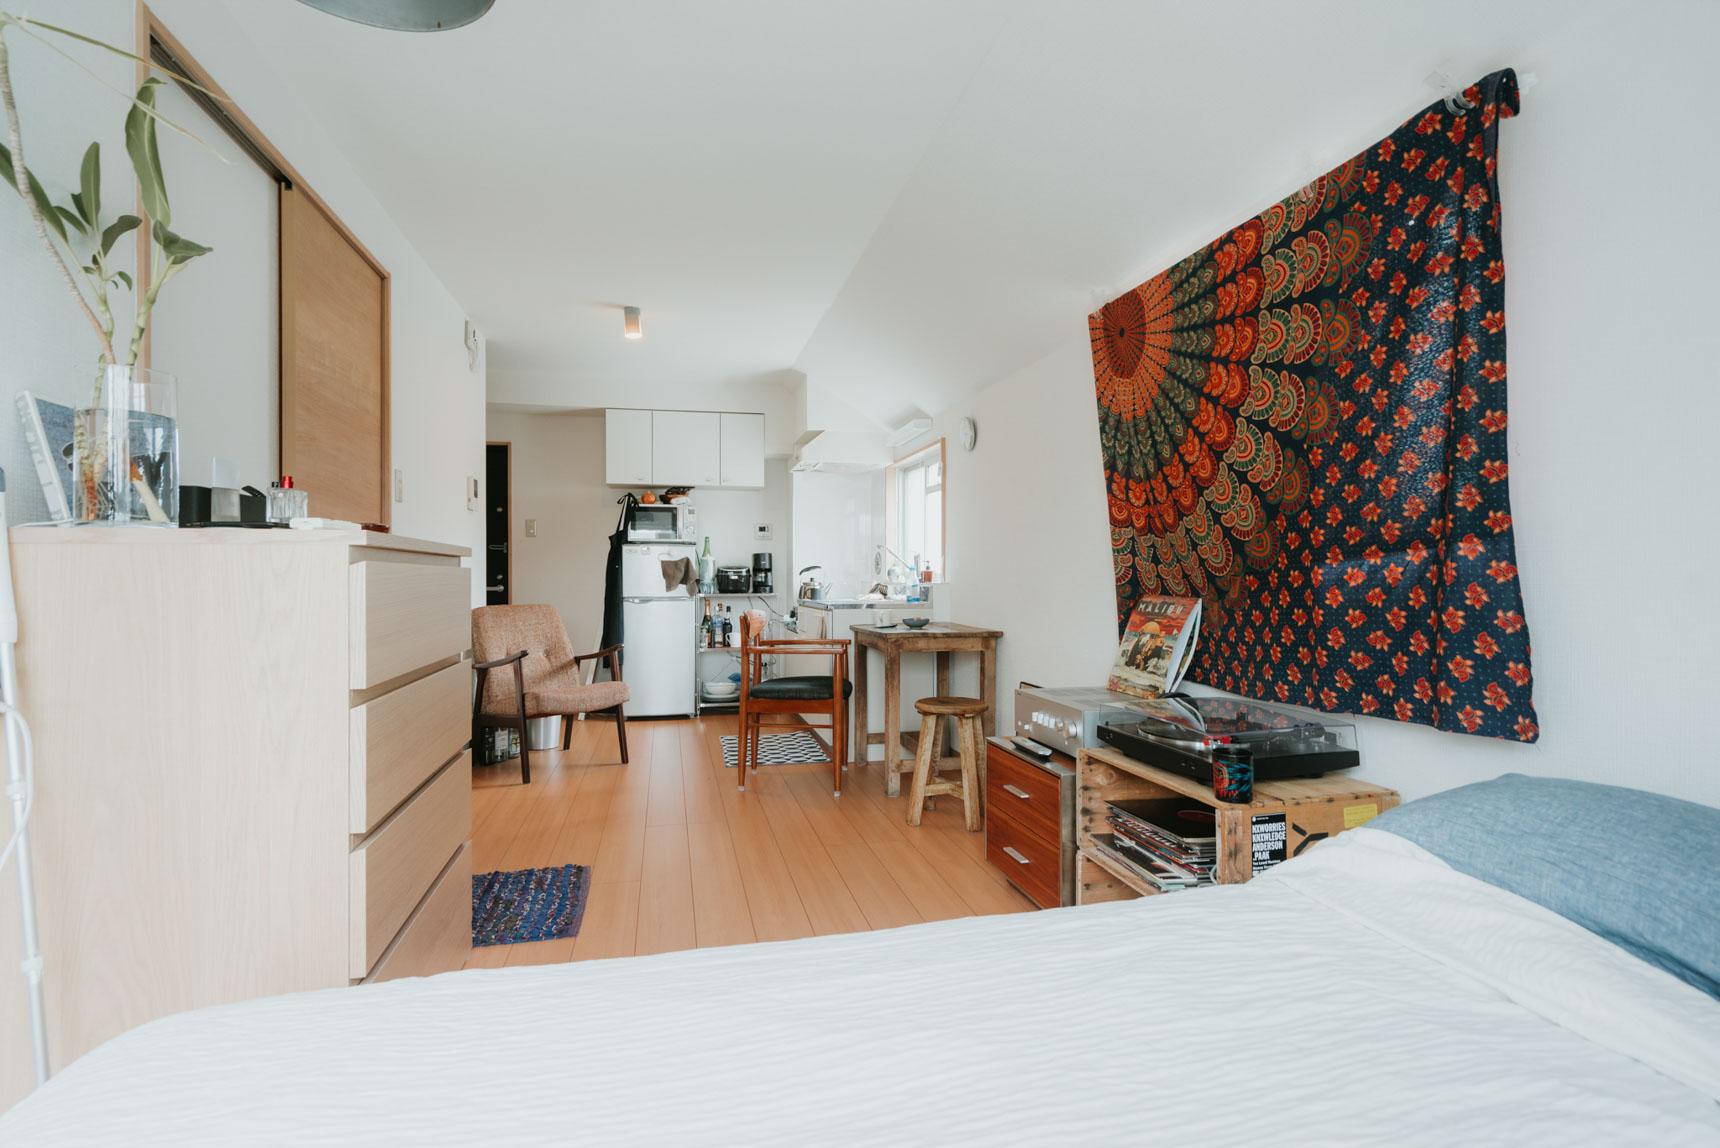 窓側からお部屋を見ると、家具の配置はこんな感じ。「空間が広く見えるから、1Kよりワンルームを選びました」